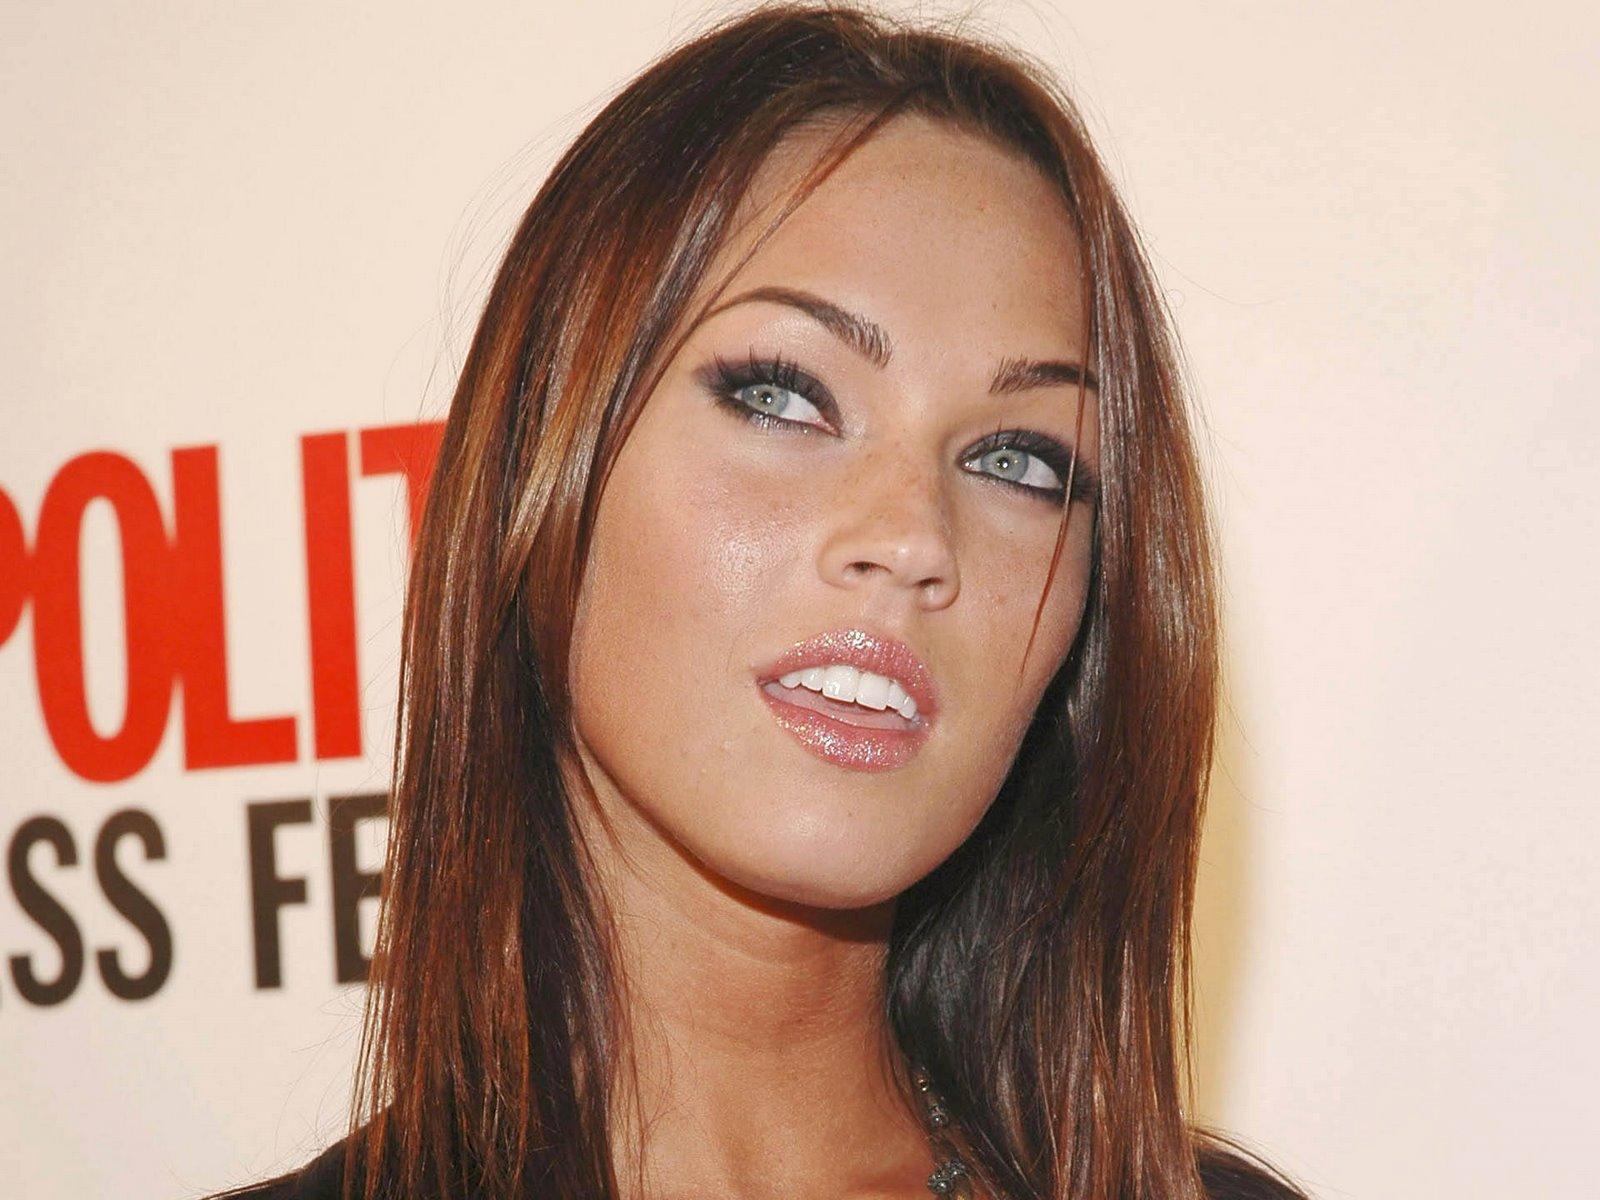 http://1.bp.blogspot.com/_Si7zjQmZnm4/SWM9_Iw_cFI/AAAAAAAAAcI/A3q51Kl9EVo/s1600/Fullwalls.blogspot_Megan_Fox(67).jpg